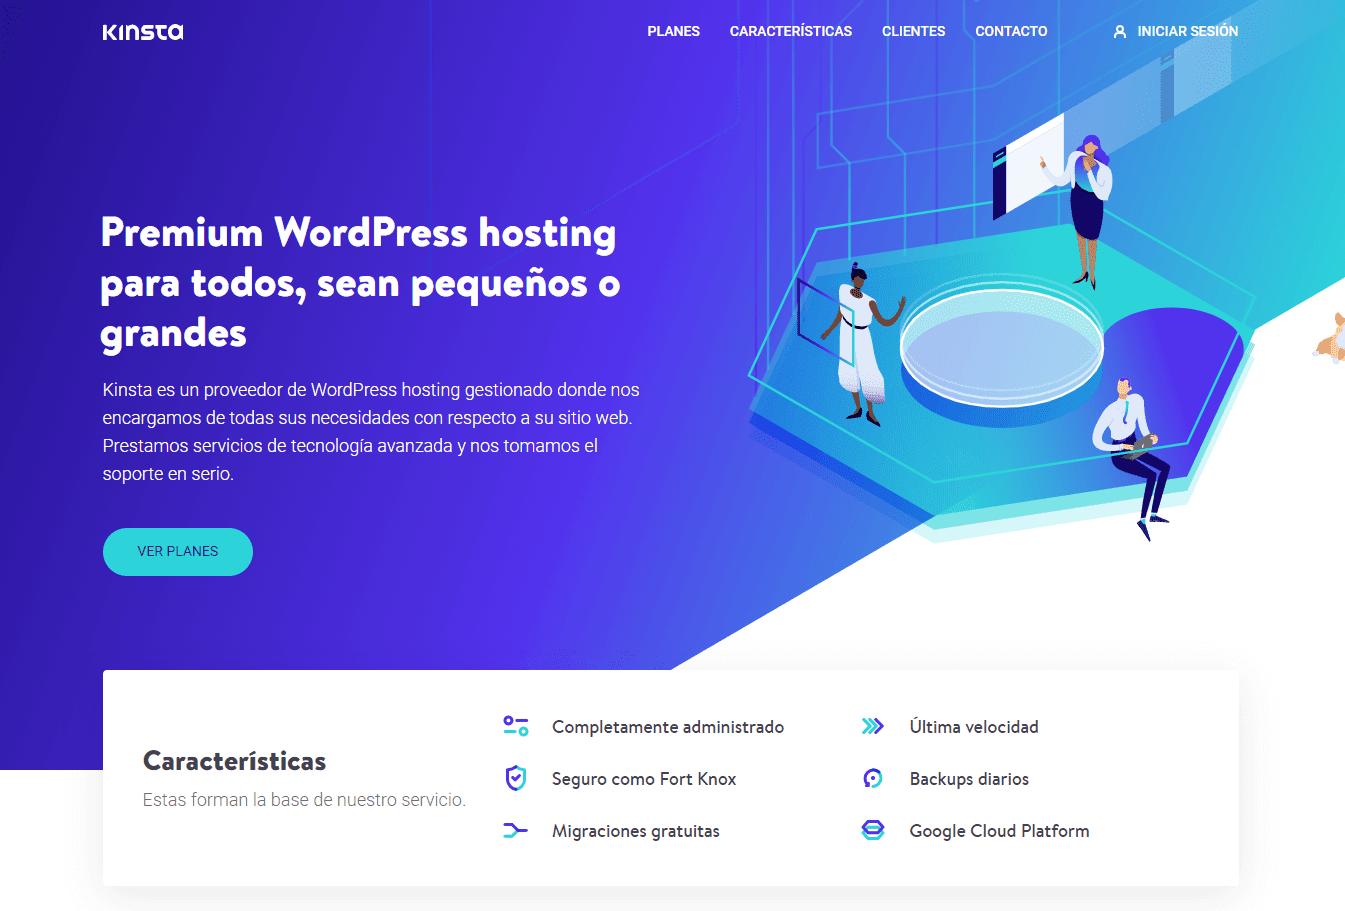 Kinsta´s hemsida på spanska